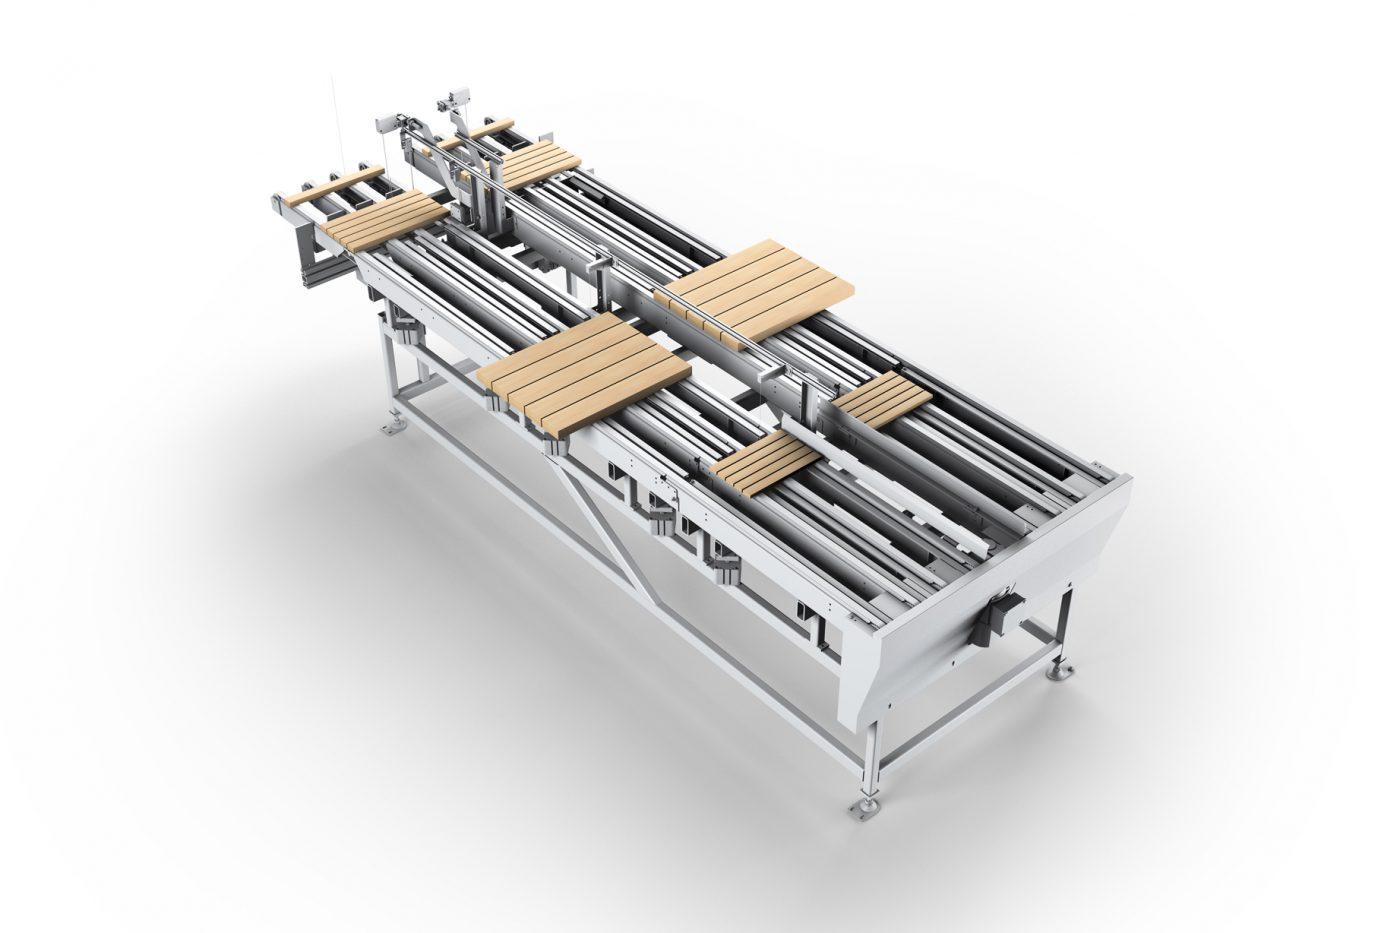 WEINIG presenta una nueva solución CNC para la fabricación de muebles y estantes